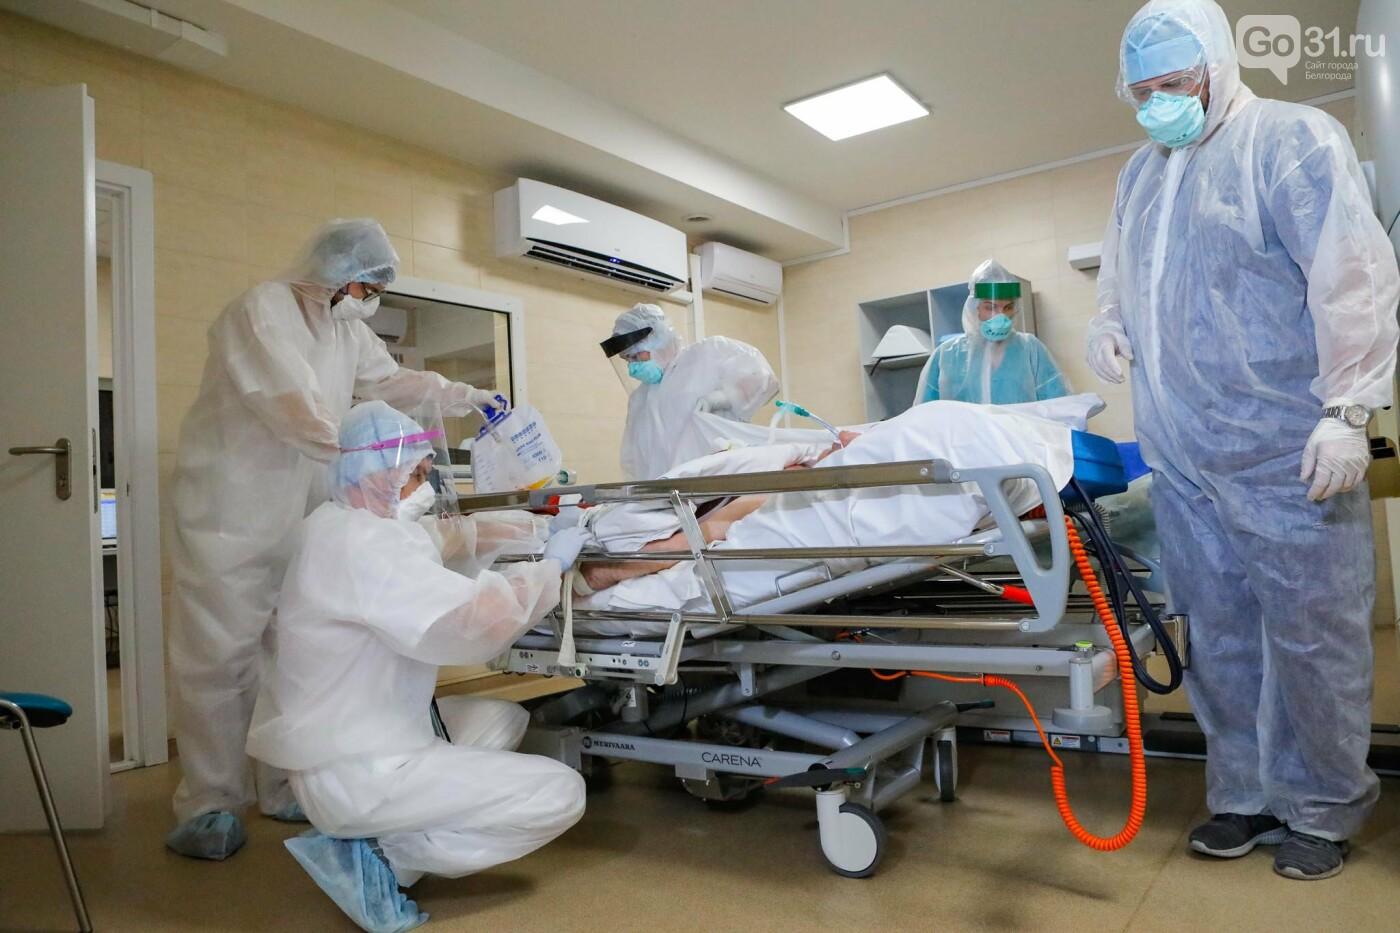 Что происходит в ковид-госпитале Белгорода. Фоторепортаж из «красной» зоны, фото-82, Фото: Антон Вергун